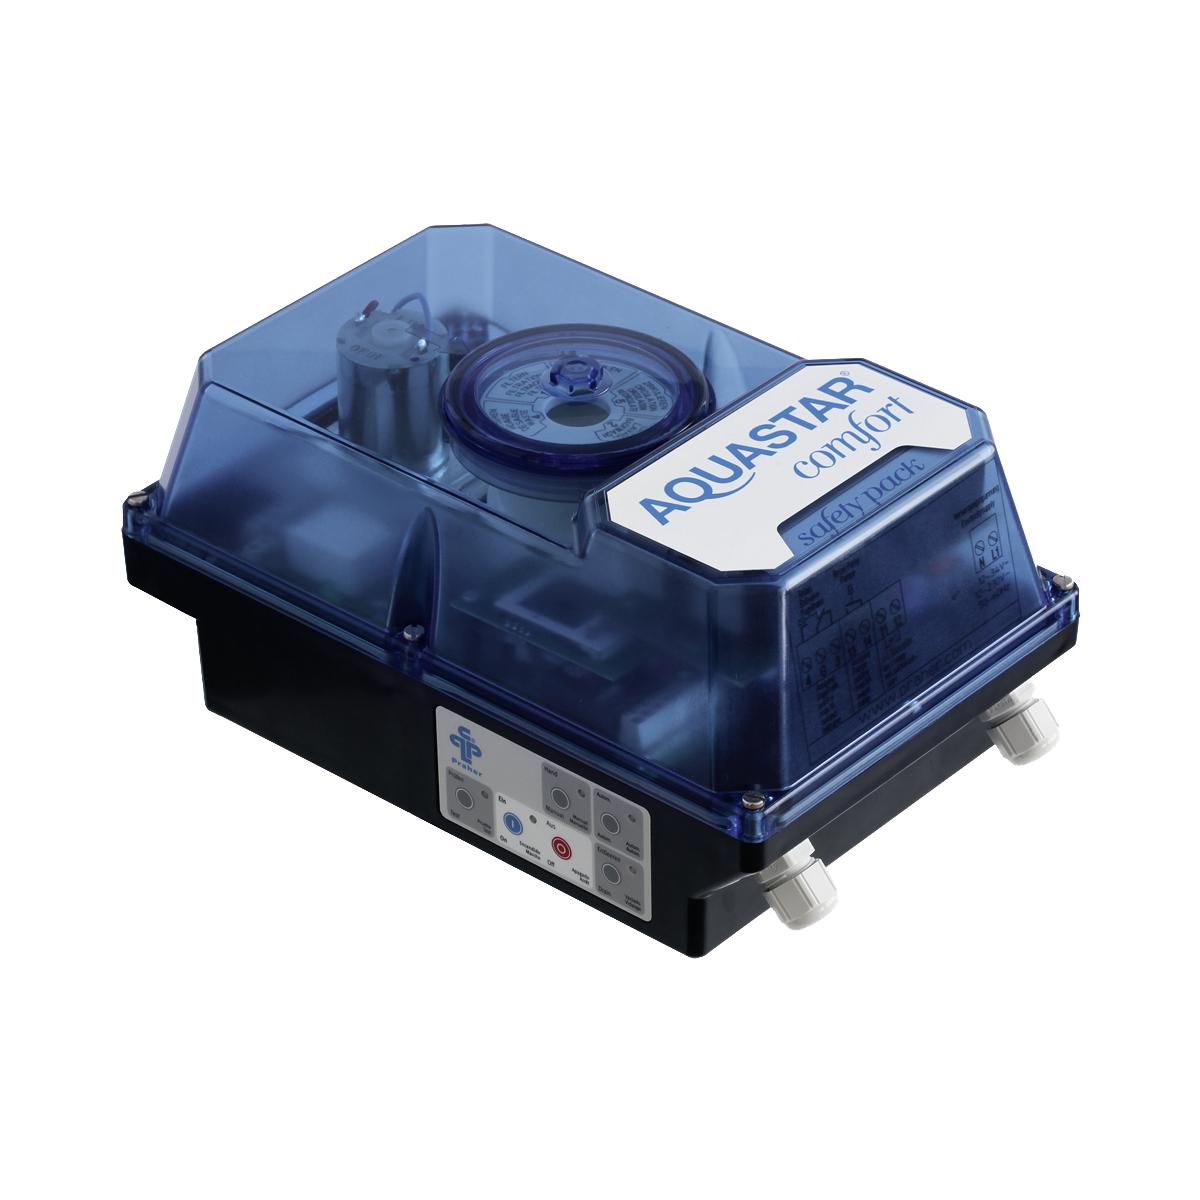 """AquaStar Comfort 4001-230 für Ocean V6 ND 1 1/2"""" + 2"""" 100-240 VAC SafetyPack, Zeit-Schalter + Druck-Schalter AquaStar Comfort 4001-230 für Ocean V6 ND 1 1/2"""" + 2"""" 100-240 VAC SafetyPack, Zeit-Schalter + Druck-Schalter"""